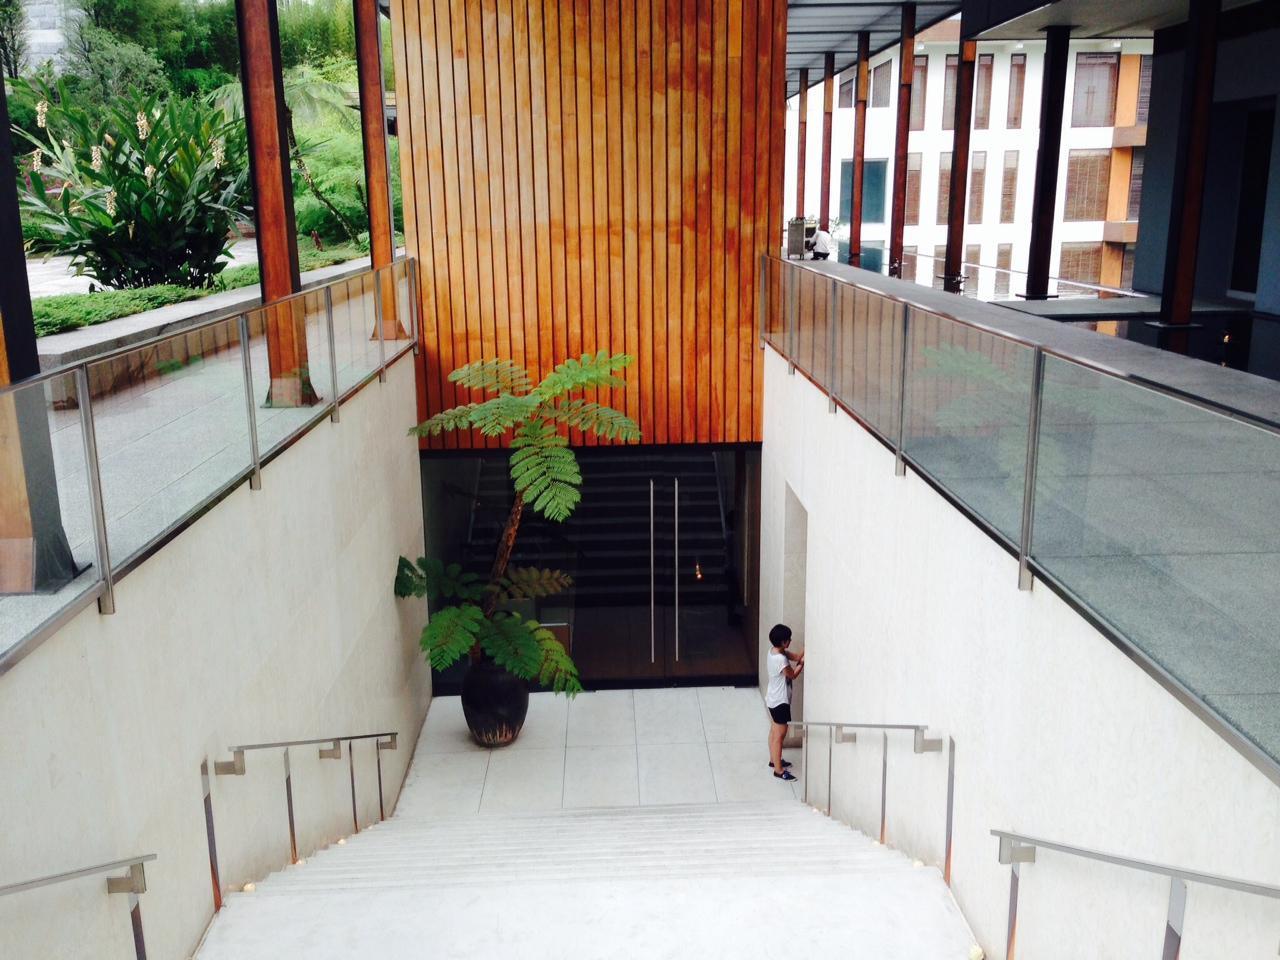 南投縣日月潭涵碧樓酒店 (The Lalu, Sun Moon Lake) - Agoda 提供行程前一刻網上即時優惠價格訂房服務